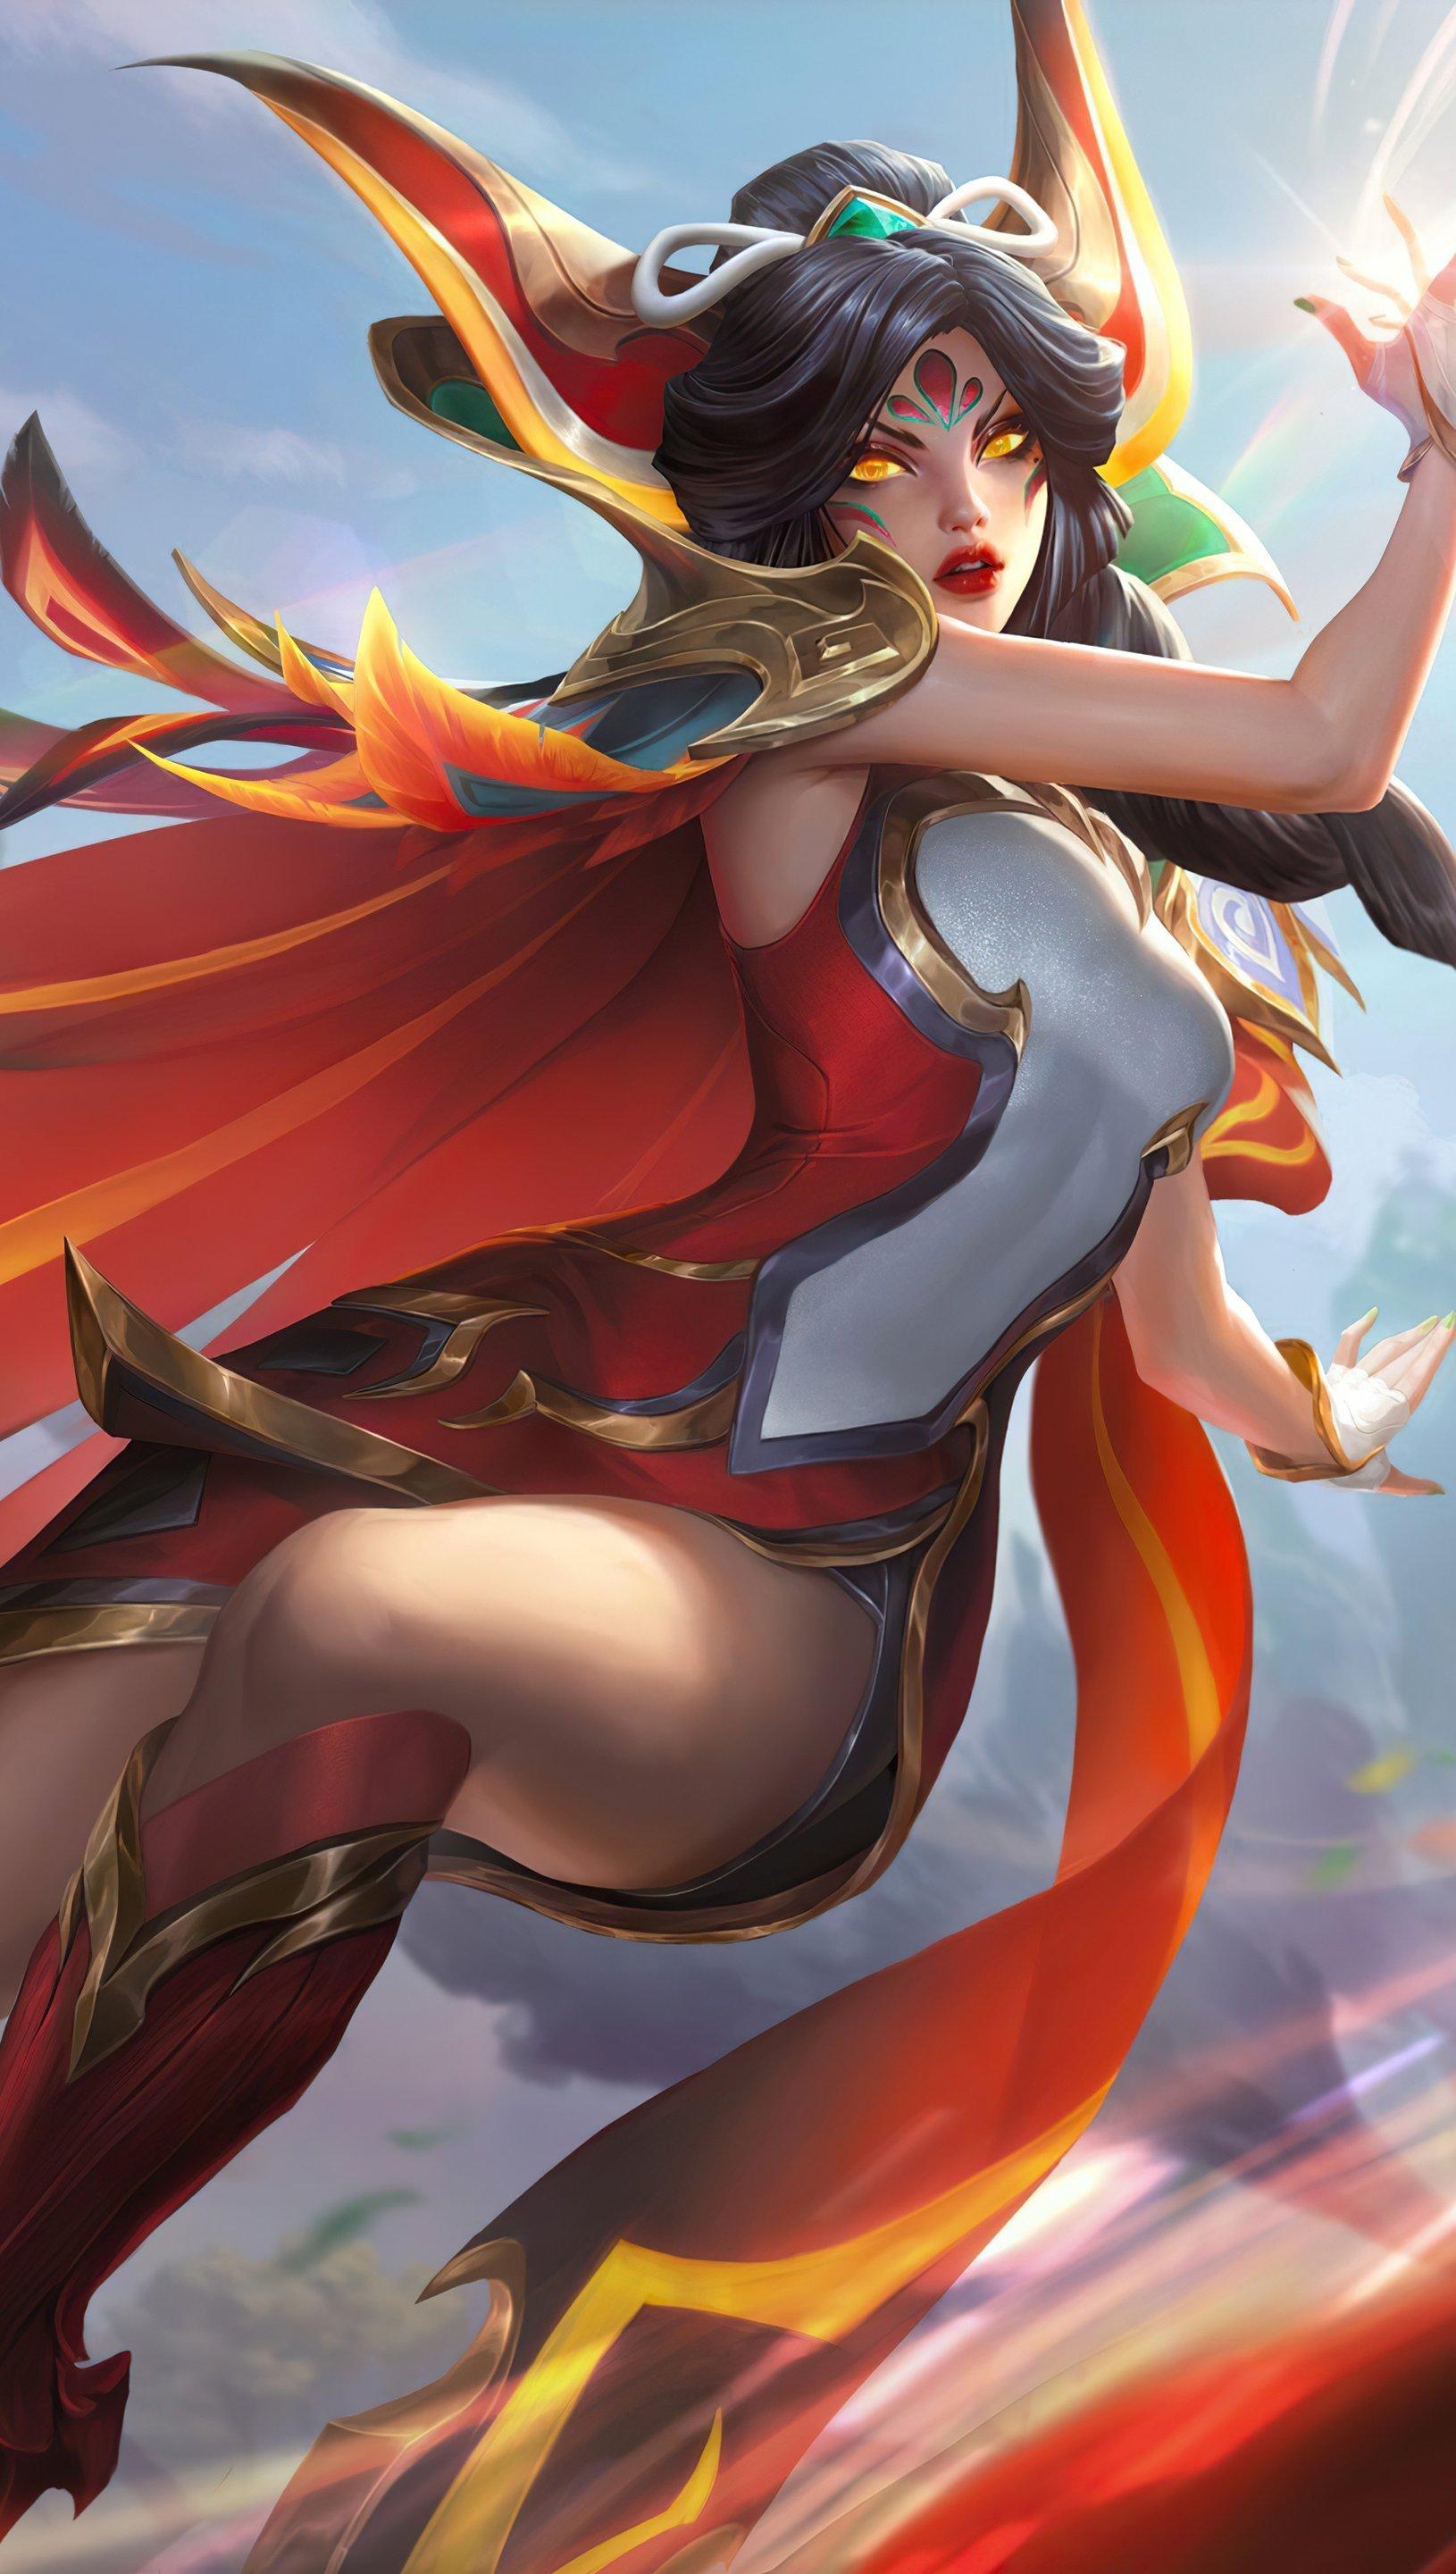 Fondos de pantalla Phoenix League of Legends Vertical